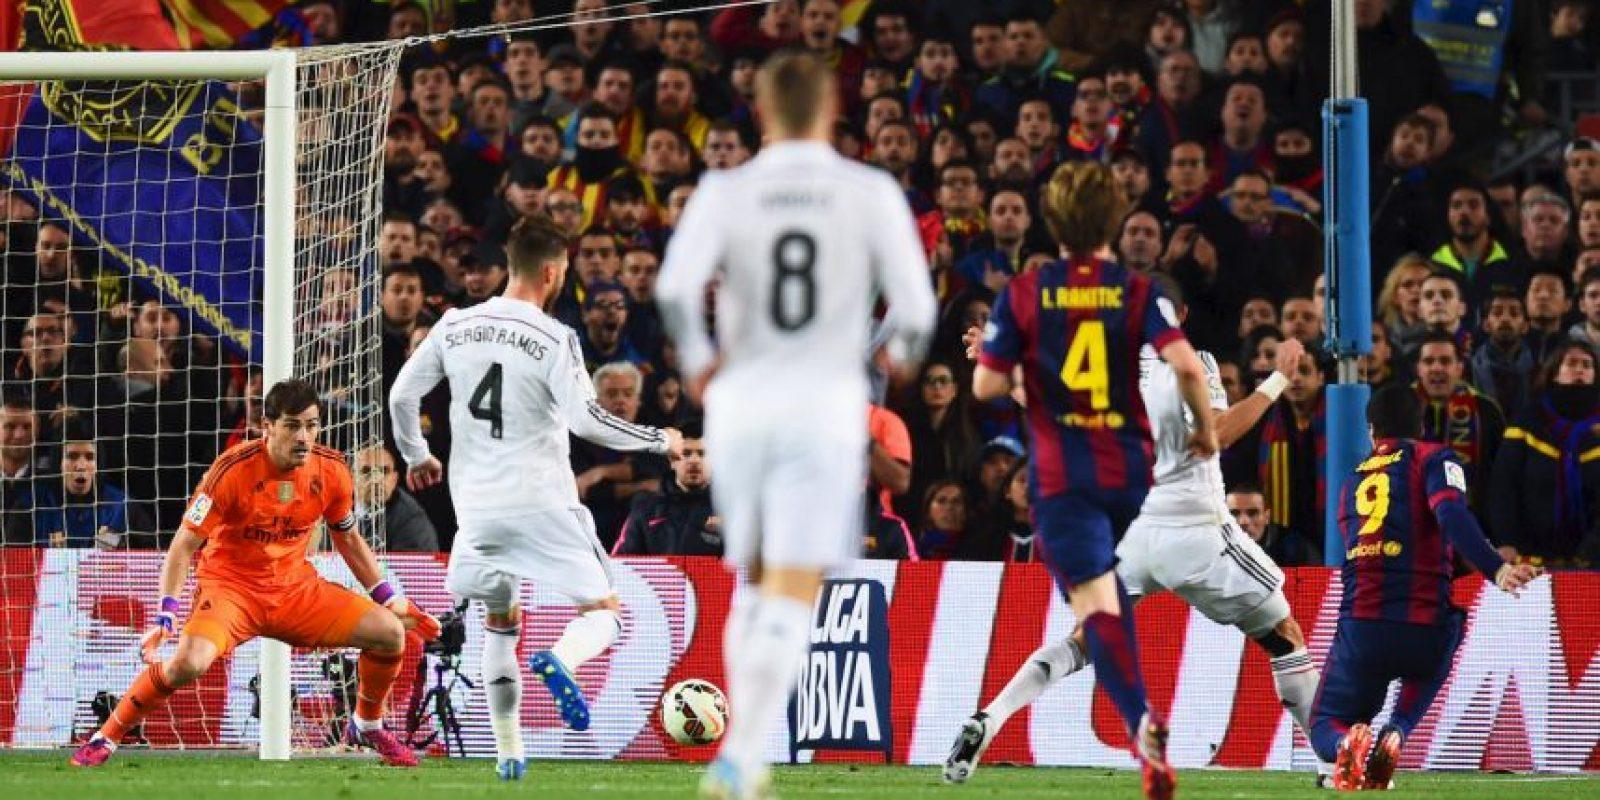 El delantero uruguayo remató con un disparo cruzado, pero en lugar de intentar detenerlo con la mano, Casillas utilizó el pie, lo que provocó el enfado de Vecchi. Foto:Getty Images